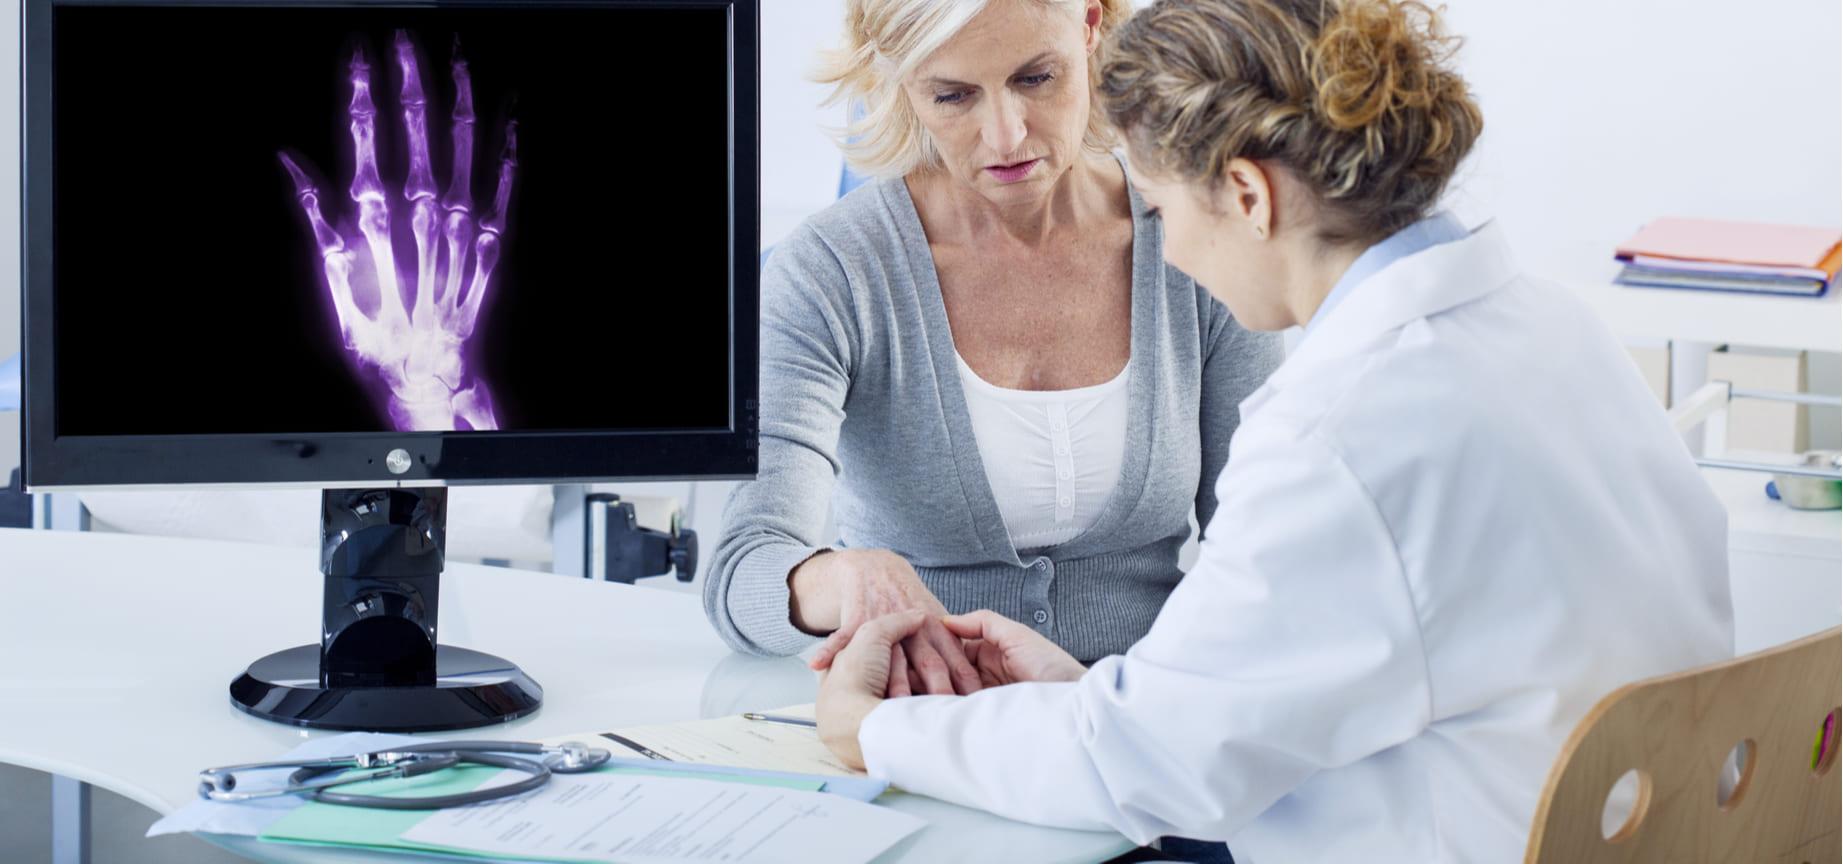 Personas con osteoartritis tendrían mayor mortalidad cardiovascular